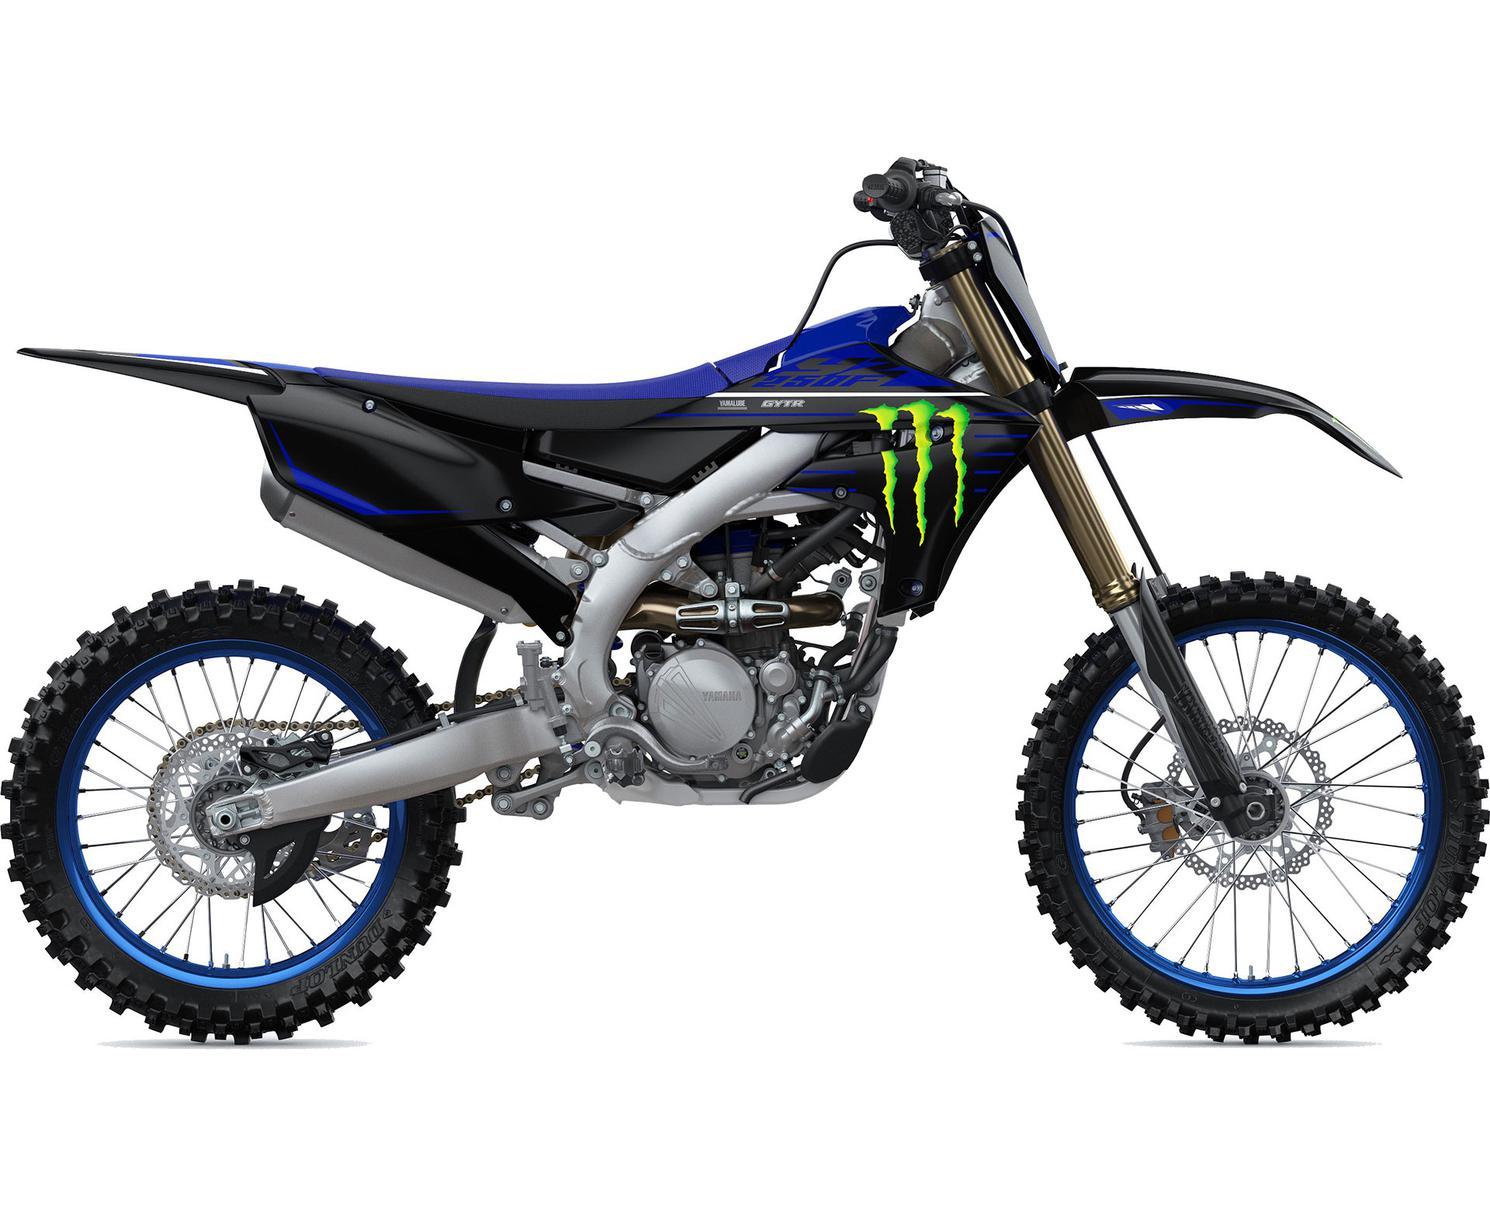 2022 Yamaha YZ250F Monster Energy Yamaha Racing Edition